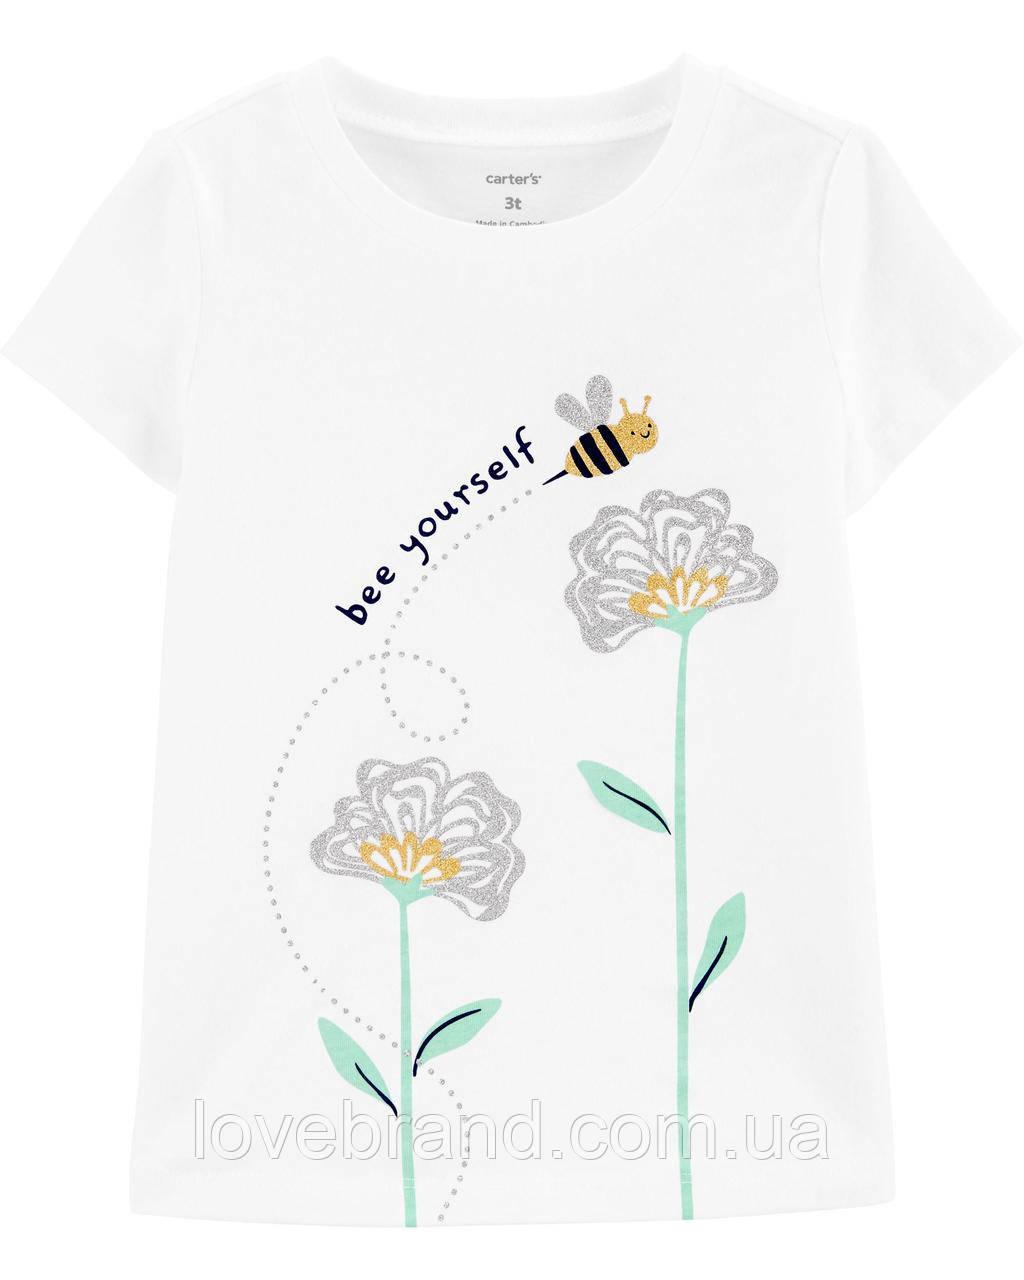 """Детская футболка для девочки Carter's """"Цветы"""" белая 3Т/93-98 см"""